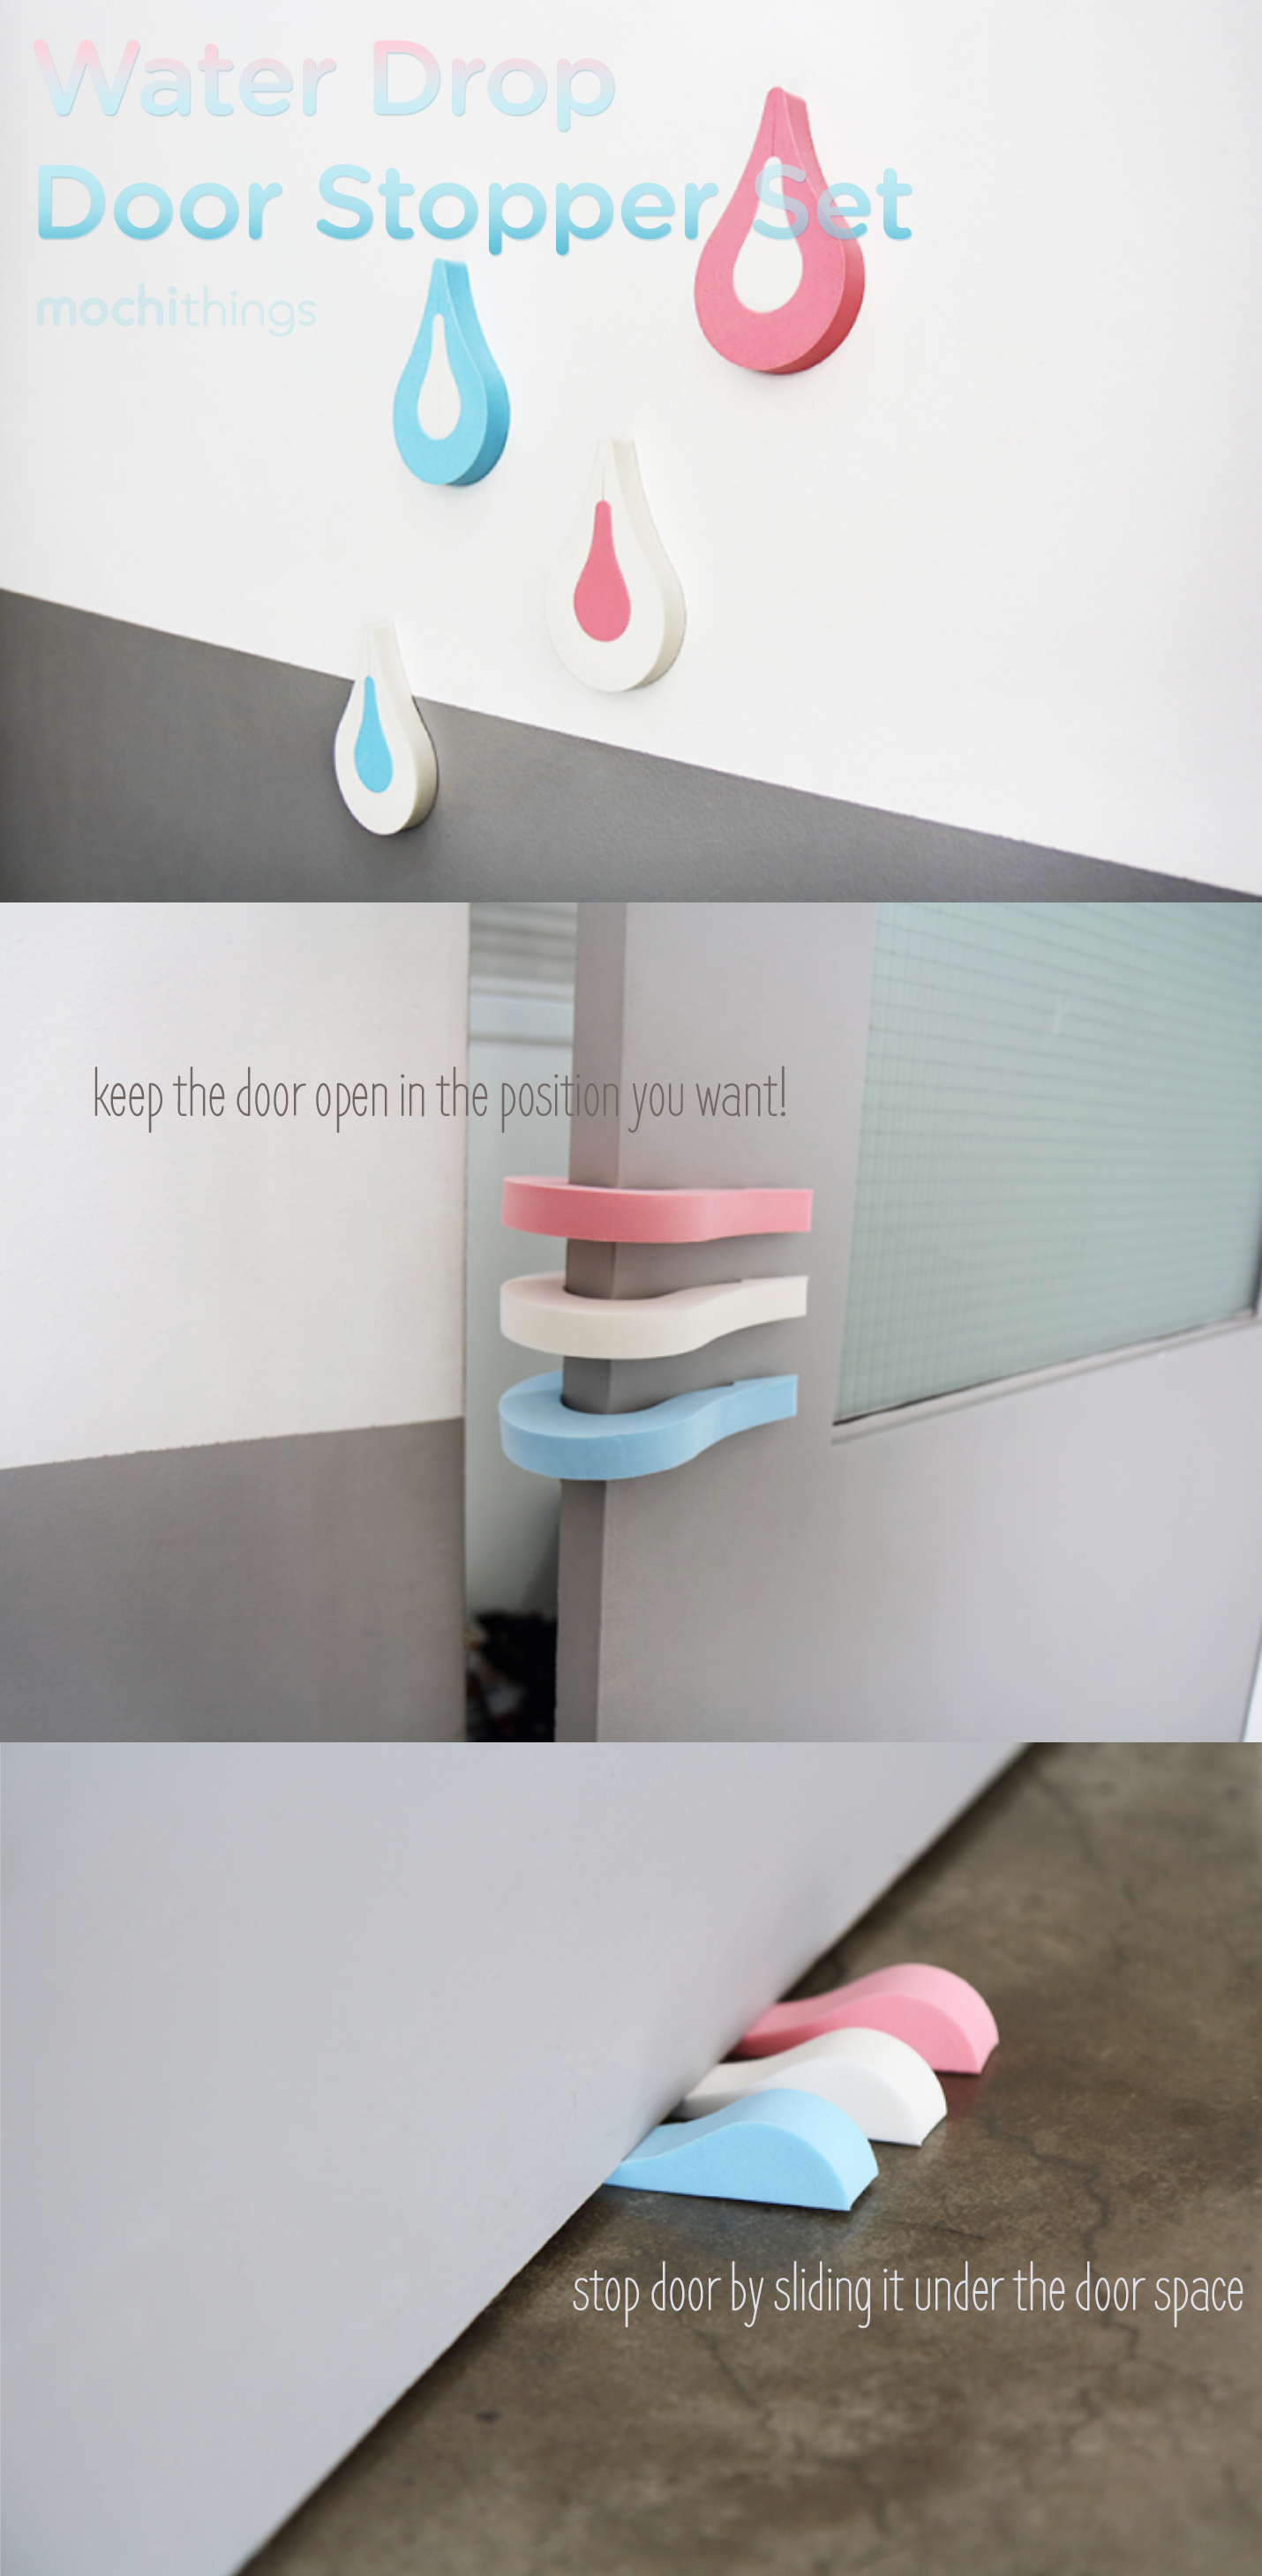 This Is The Most Unique Set Of Door Stoppers I Ve Ever Seen 1 Waterdrop Creates 3 Doorstops The Big Water Drop C Decor Classroom Decor